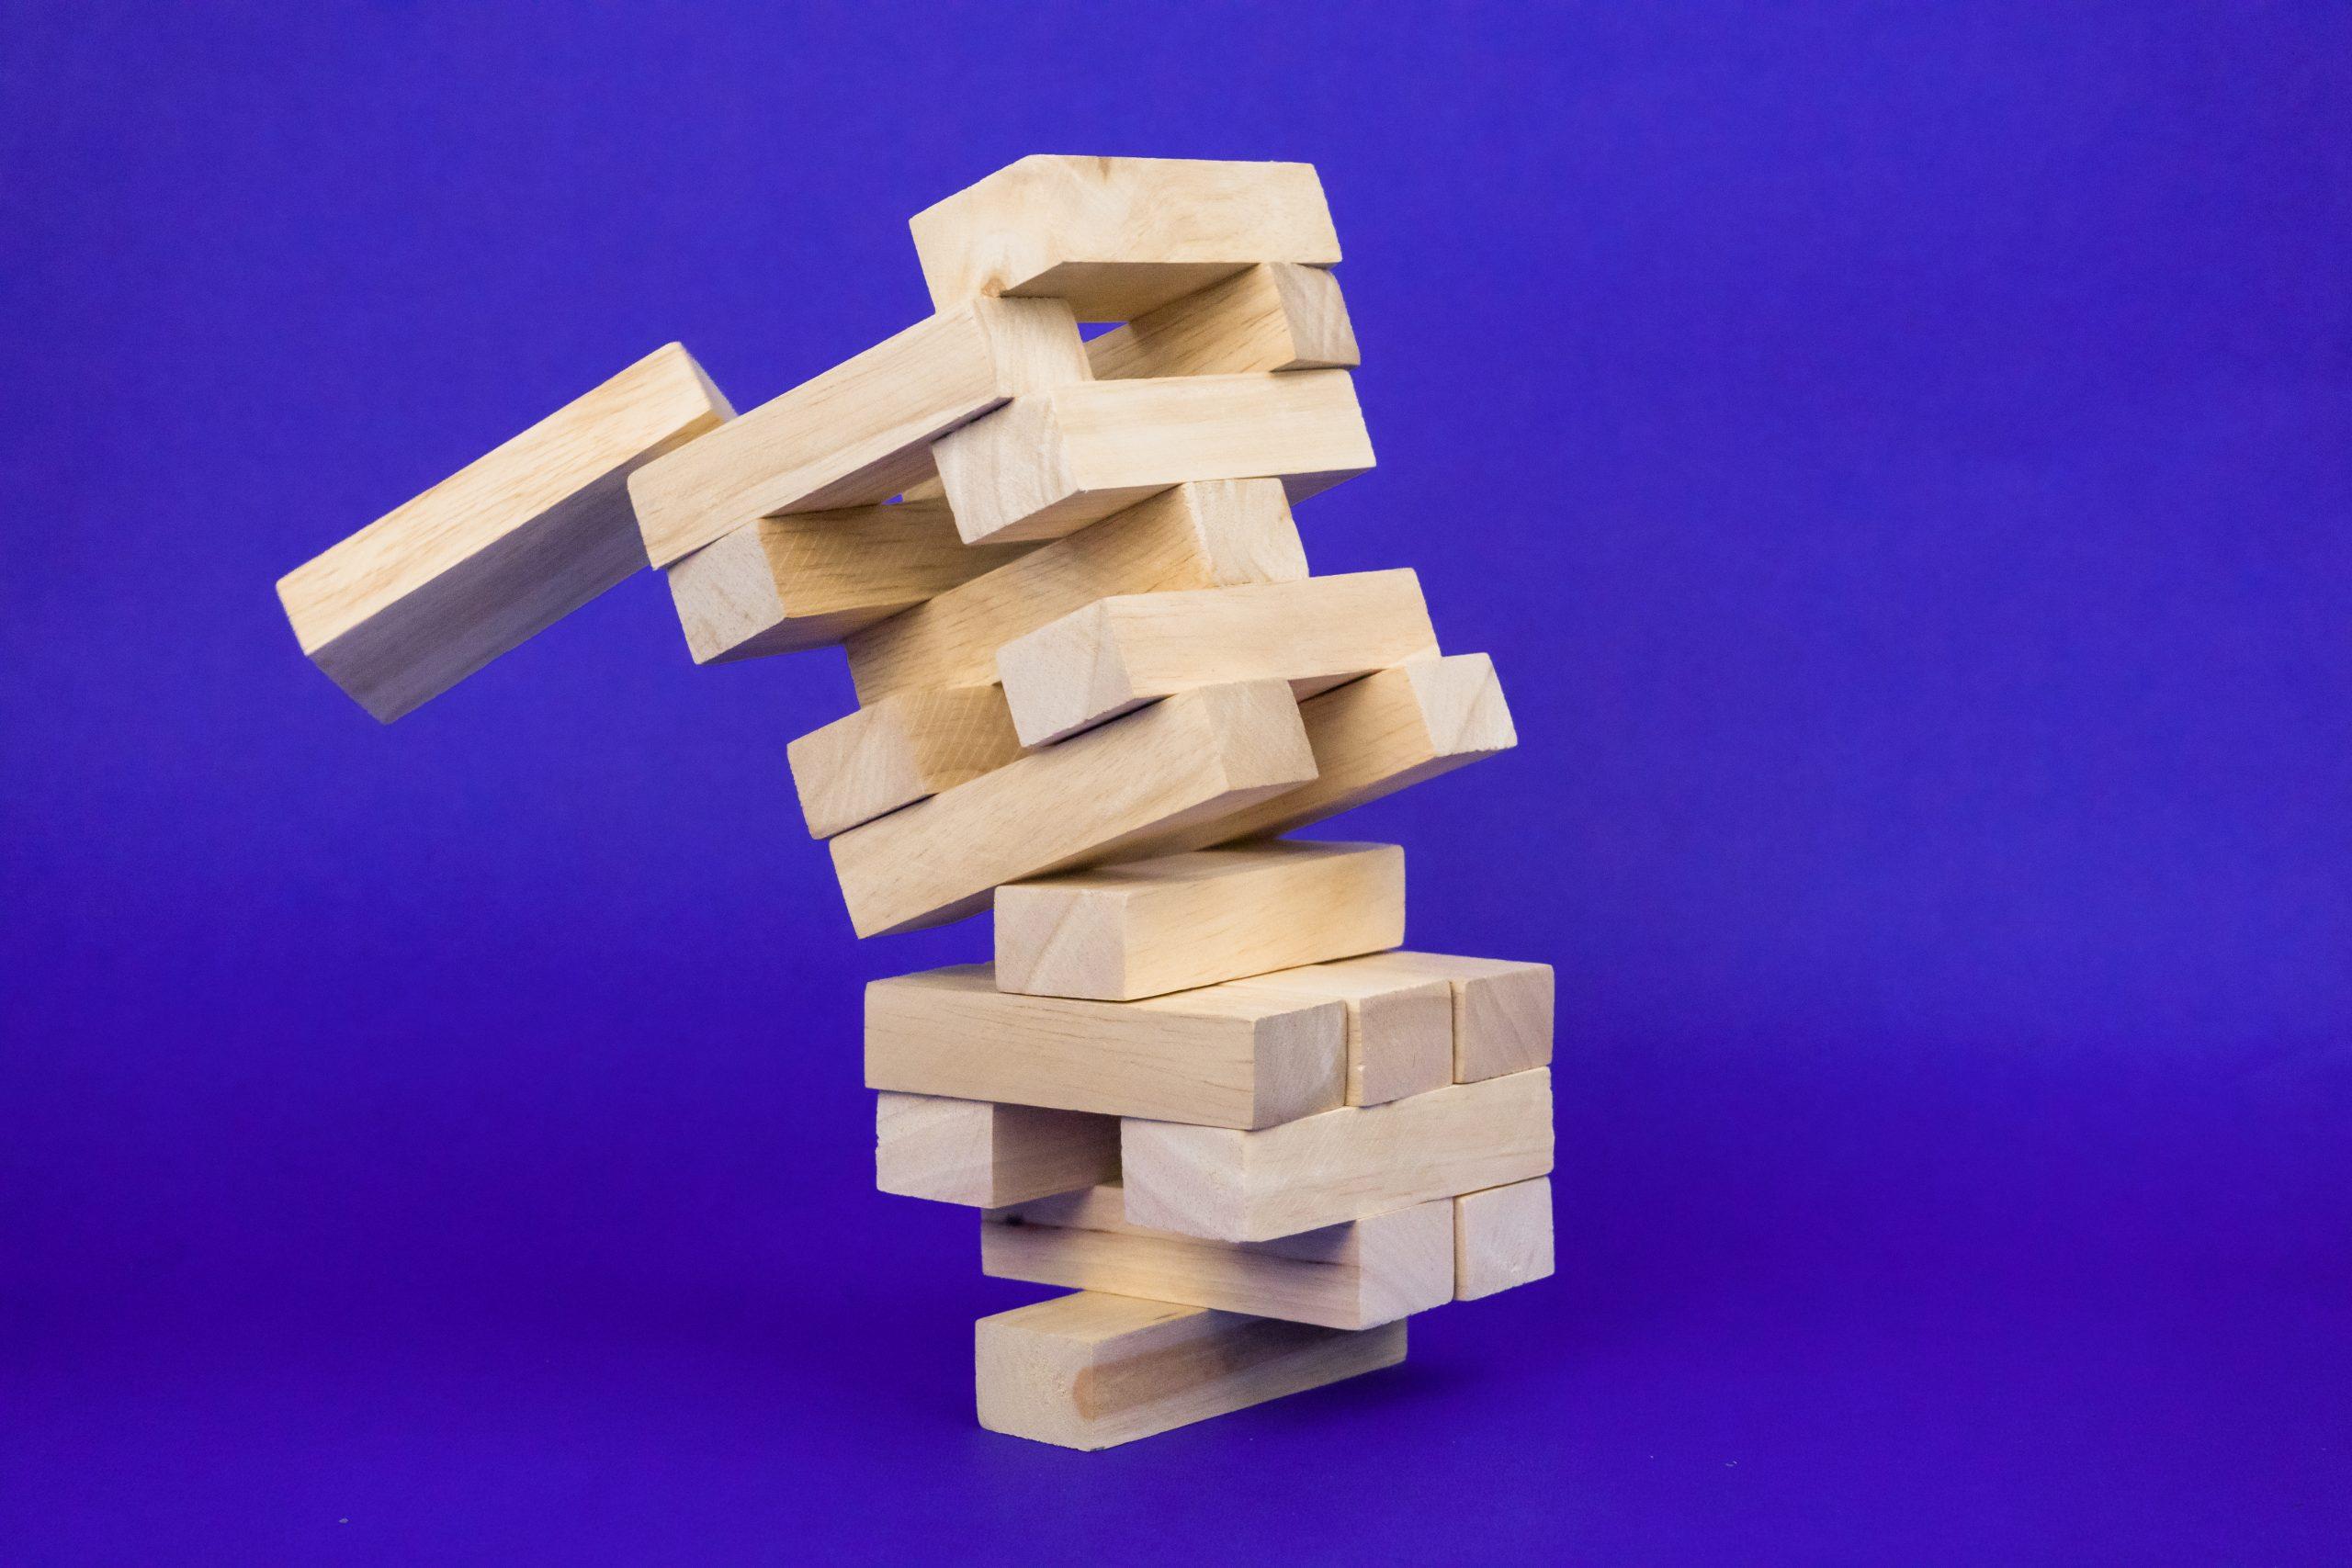 Jenga tower falling